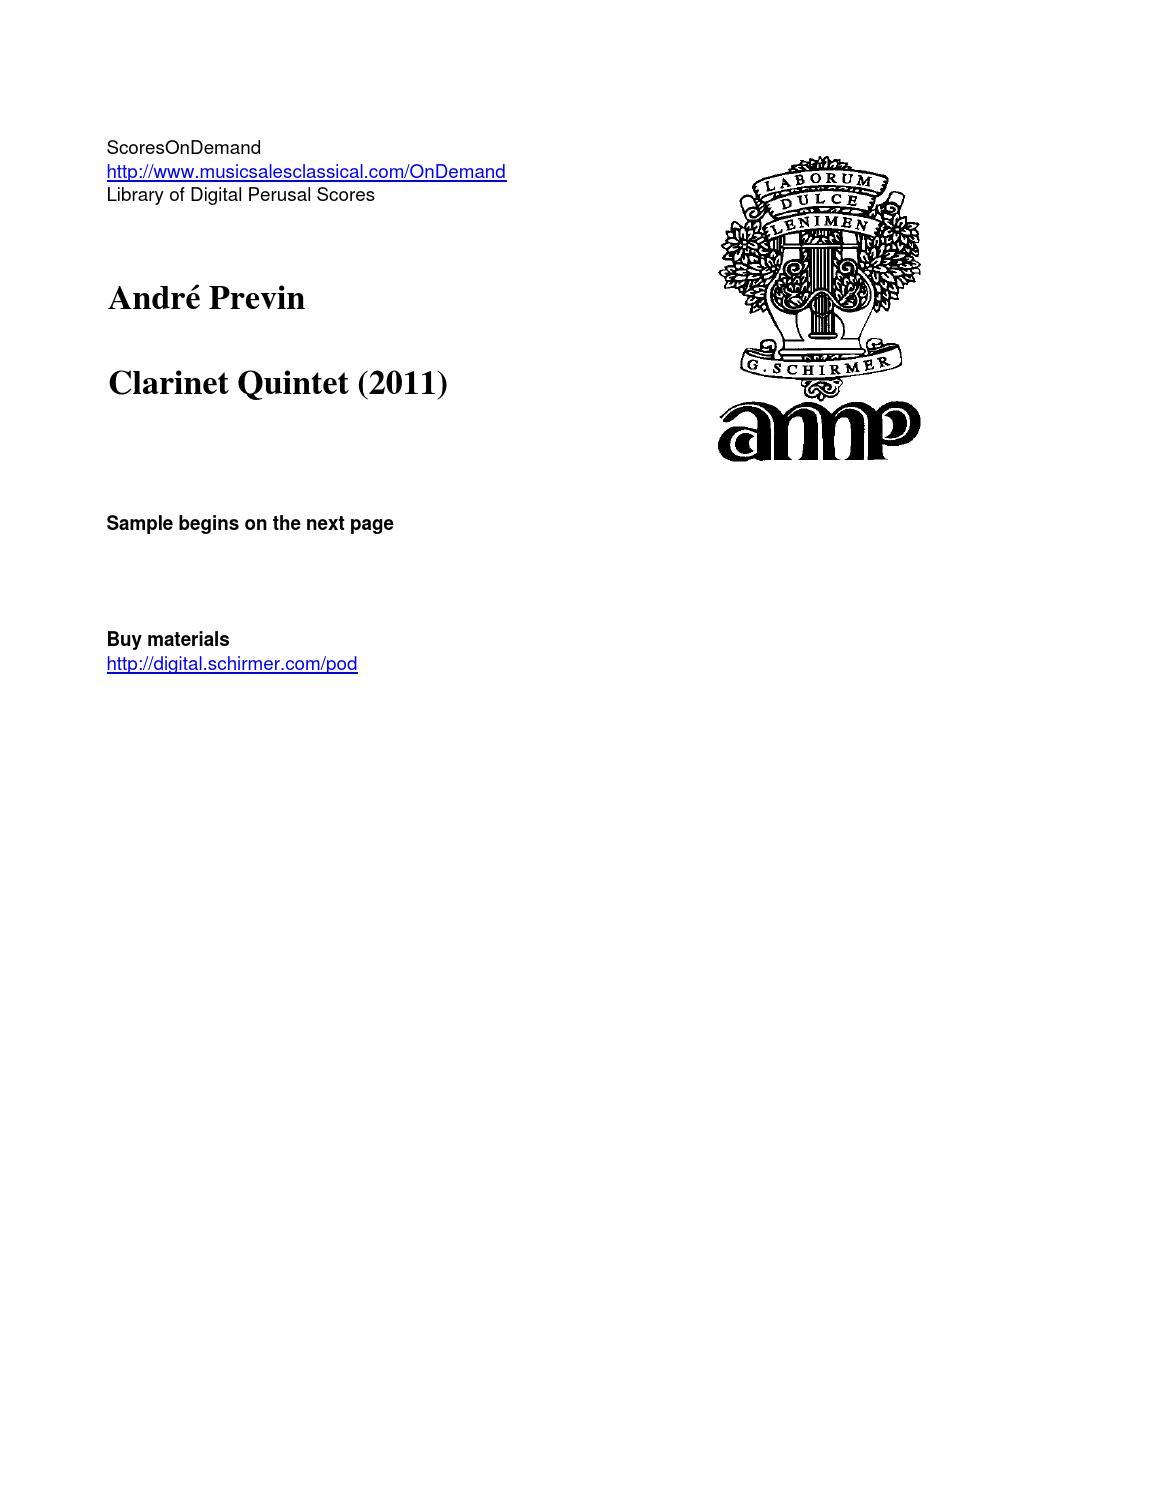 Previn CLARINET QUINTET by ScoresOnDemand - issuu